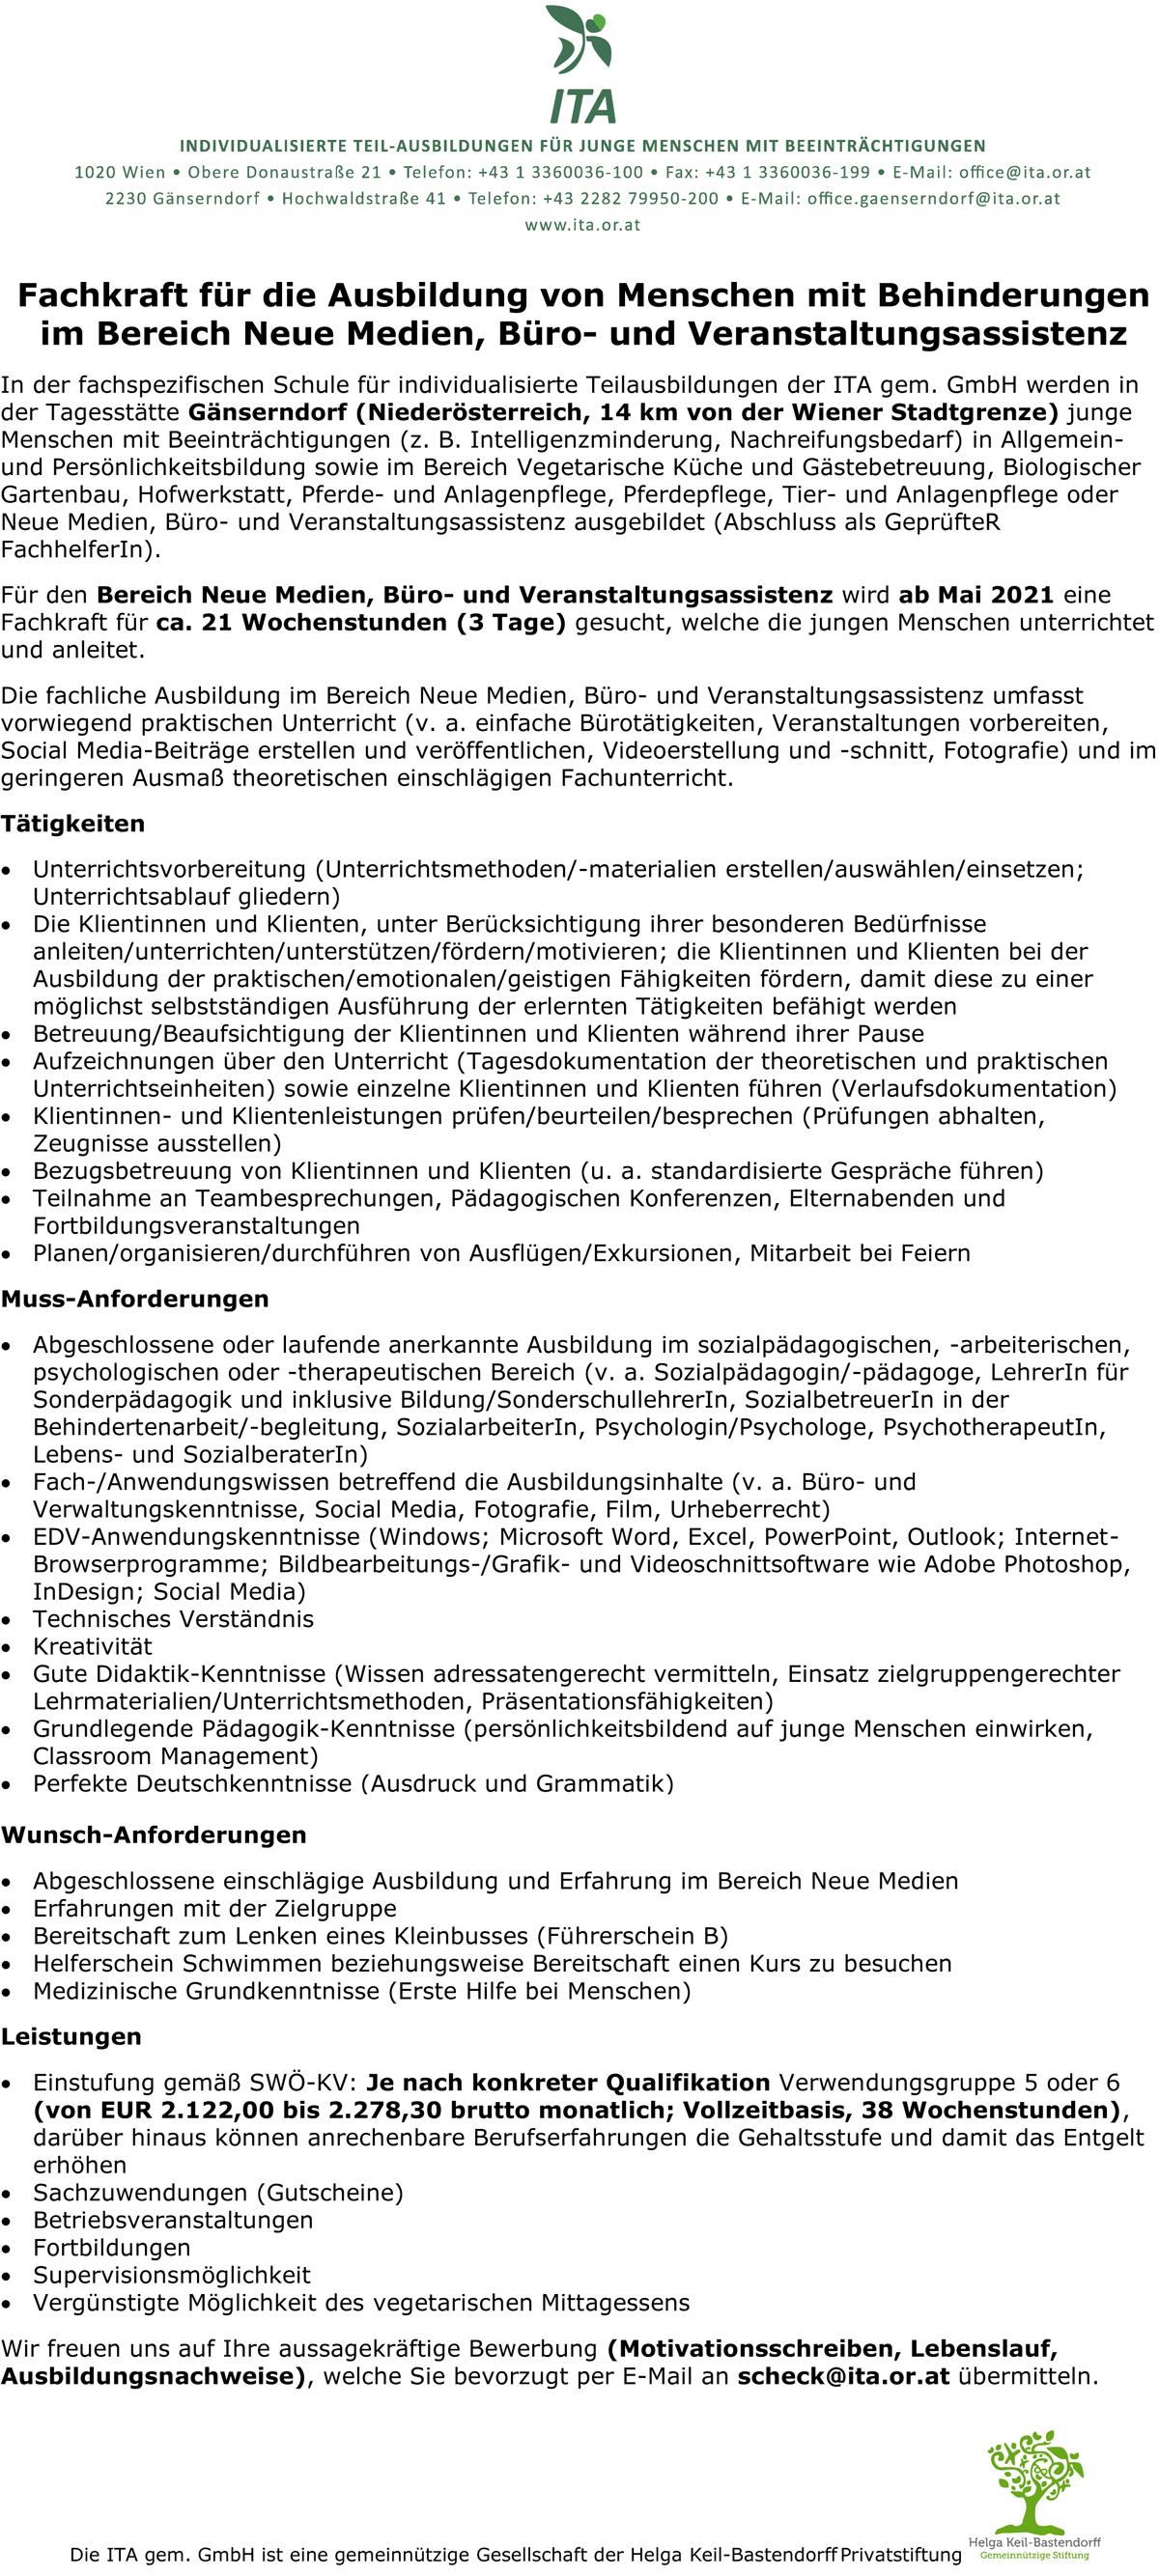 In der fachspezifischen Schule für individualisierte Teilausbildungen der ITA gern. GmbH werden in der Tagesstätte Gänserndorf (Niederösterreich, 14 km von der Wiener Stadtgrenze) junge Menschen mit Beeinträchtigungen (z. B. Intelligenzminderung, Nachreifungsbedarf) in Allgemeinund Persönlichkeitsbildung sowie im Bereich Vegetarische Küche und Gästebetreuung, Biologischer Gartenbau, Hofwerkstatt, Pferde- und Anlagenpflege, Pferdepflege, Tier- und Anlagenpflege oder Neue Medien, Büro- und Veranstaltungsassistenz ausgebildet (Abschluss als GeprüfteR Fachhelferln). Für den Bereich Neue Medien, Büro- und Veranstaltungsassistenz wird ab Mai 2021 eine Fachkraft für ca. 21 Wochenstunden (3 Tage) gesucht, welche die jungen Menschen unterrichtet und anleitet. Die fachliche Ausbildung im Bereich Neue Medien, Büro- und Veranstaltungsassistenz umfasst vorwiegend praktischen Unterricht (v. a. einfache Bürotätigkeiten, Veranstaltungen vorbereiten, Social Media-Beiträge erstellen und veröffentlichen, Videoerstellung und -schnitt, Fotografie) und im geringeren Ausmaß theoretischen einschlägigen Fachunterricht. Tätigkeiten • Unterrichtsvorbereitung (Unterrichtsmethoden/-materialien erstellen/auswählen/einsetzen; Unterrichtsablauf gliedern) • Die Klientinnen und Klienten, unter Berücksichtigung ihrer besonderen Bedürfnisse anleiten/unterrichten/unterstützen/fördern/motivieren; die Klientinnen und Klienten bei der Ausbildung der praktischen/emotionalen/geistigen Fähigkeiten fördern, damit diese zu einer möglichst selbstständigen Ausführung der erlernten Tätigkeiten befähigt werden • Betreuung/Beaufsichtigung der Klientinnen und Klienten während ihrer Pause • Aufzeichnungen über den Unterricht (Tagesdokumentation der theoretischen und praktischen Unterrichtseinheiten) sowie einzelne Klientinnen und Klienten führen (Verlaufsdokumentation) • Klientinnen- und Klientenleistungen prüfen/beurteilen/besprechen (Prüfungen abhalten, Zeugnisse ausstellen) • Bezugsbetreuung von Klientinnen und Kl